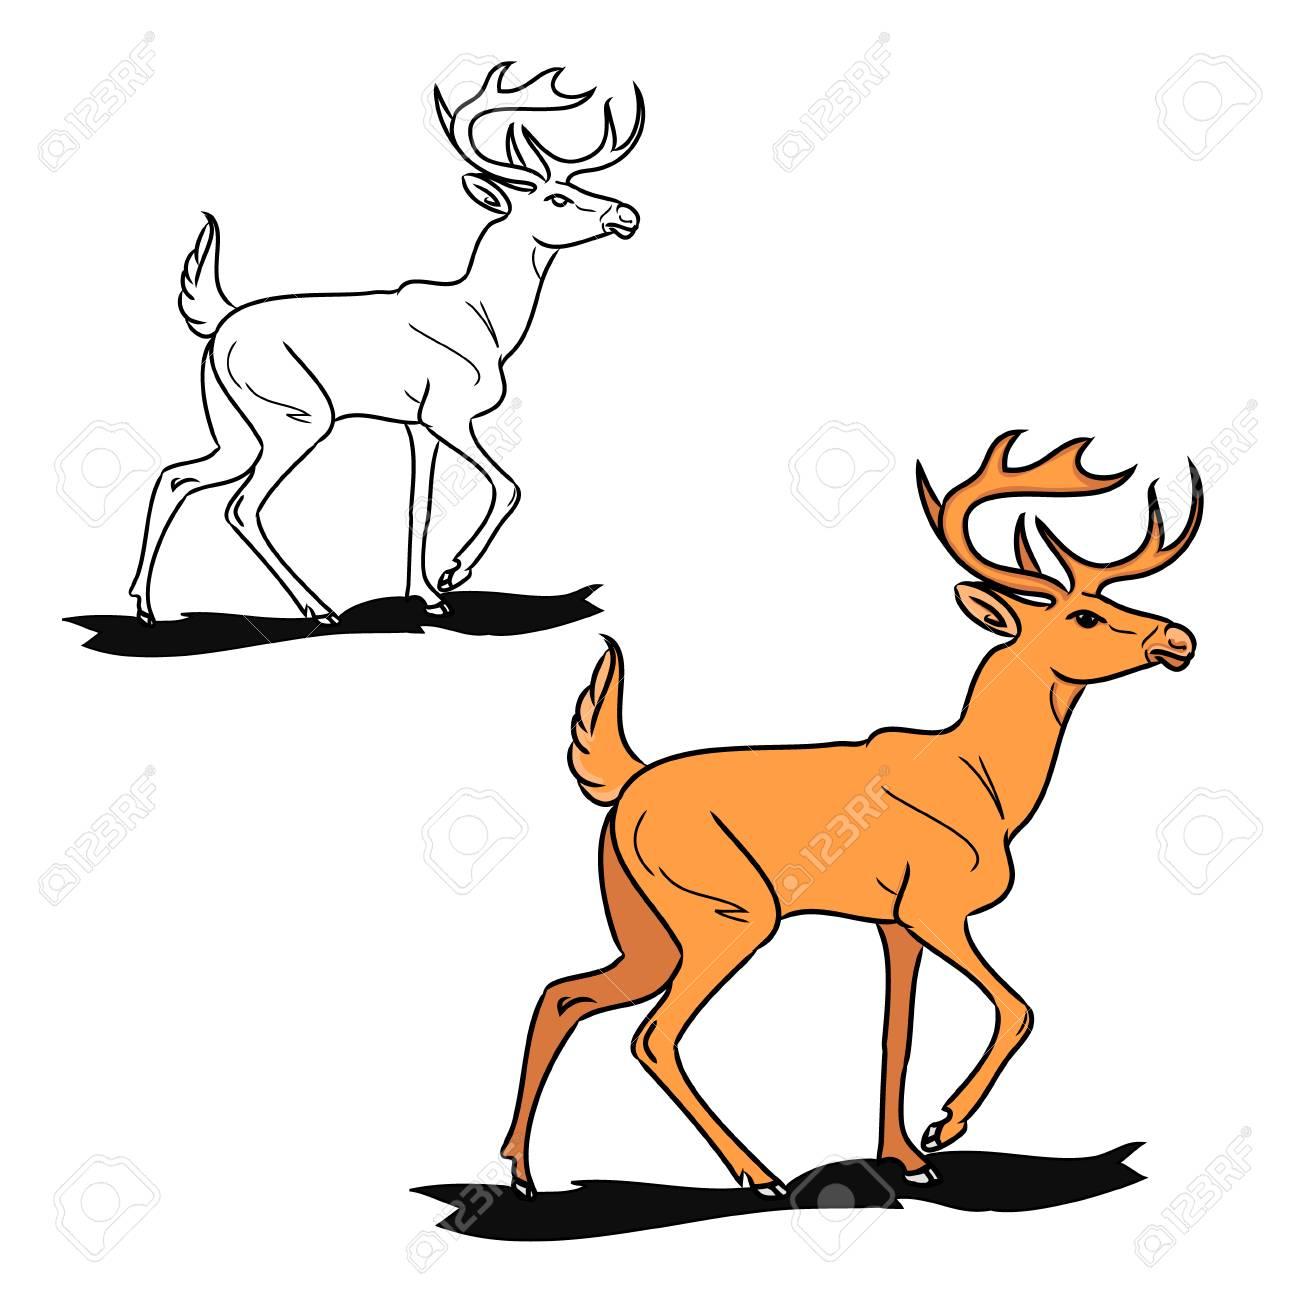 鹿のグラフィック イメージ。白地に赤の画像トナカイ。アウトラインと動物の絵の色。(2 つの回路のセット) のベクトル図